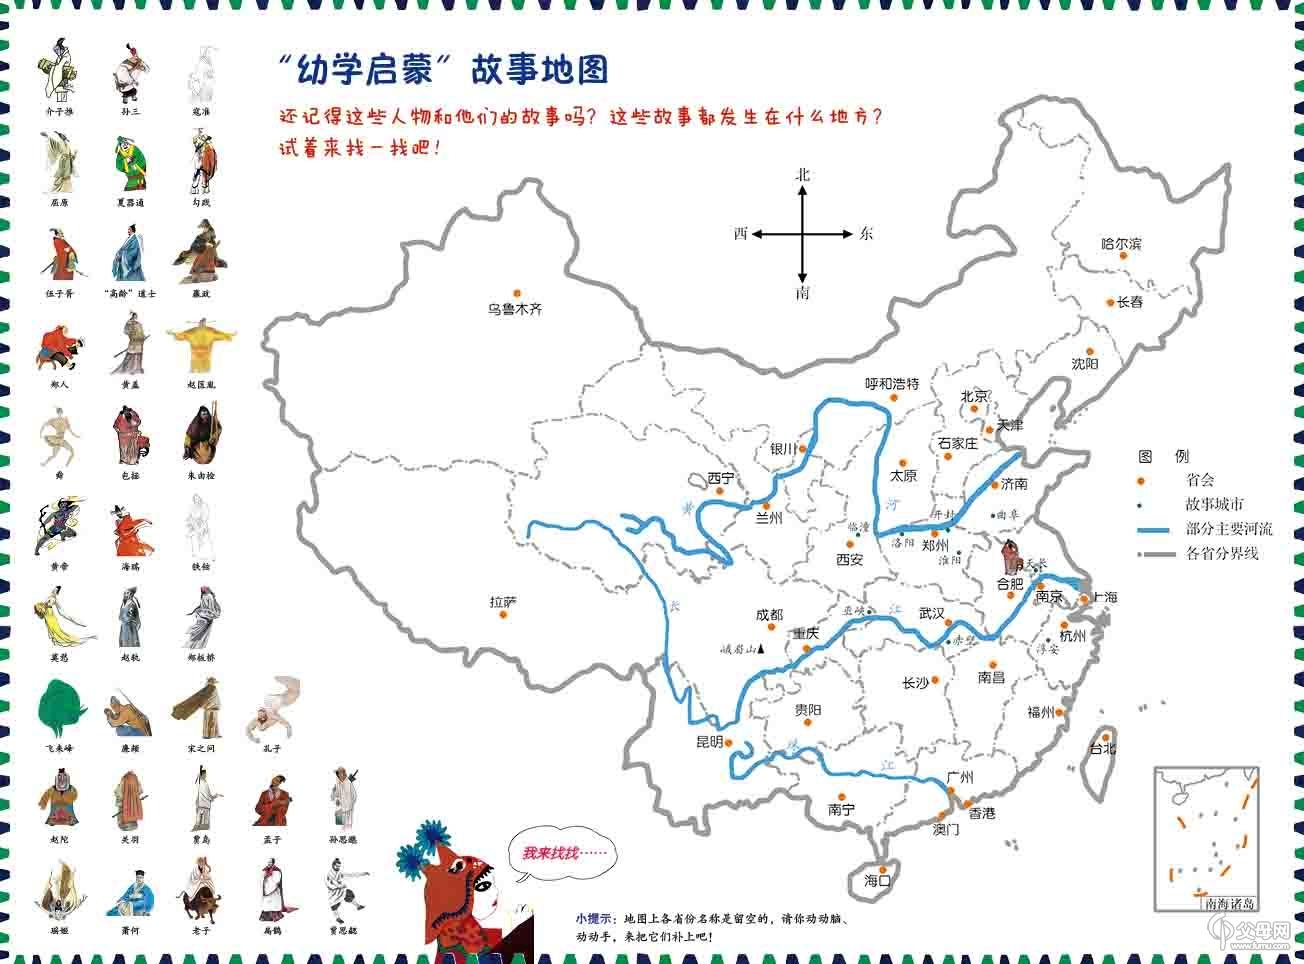 """一幅画以""""我的中国梦""""为主题,那么这幅画应该怎样制作呢?"""